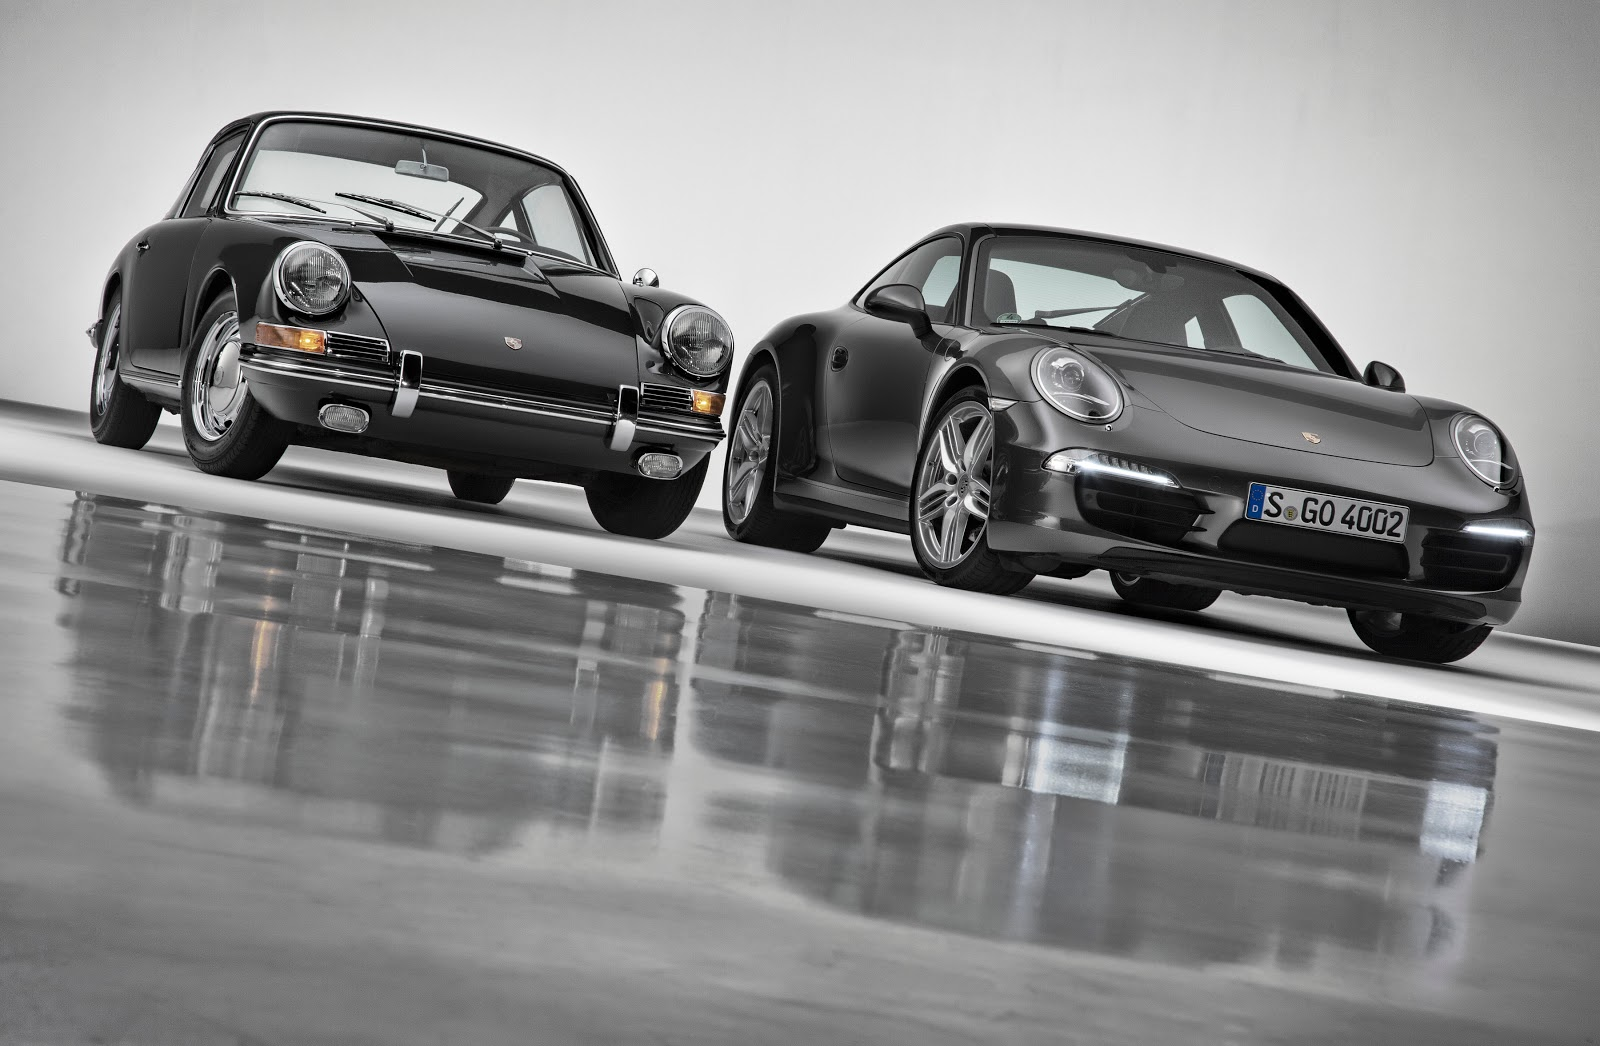 P13 0018 a4 rgb Porsche 911, η G-Modell 1975 Porsche Carrera RSR 3, Porsche, Porsche 911